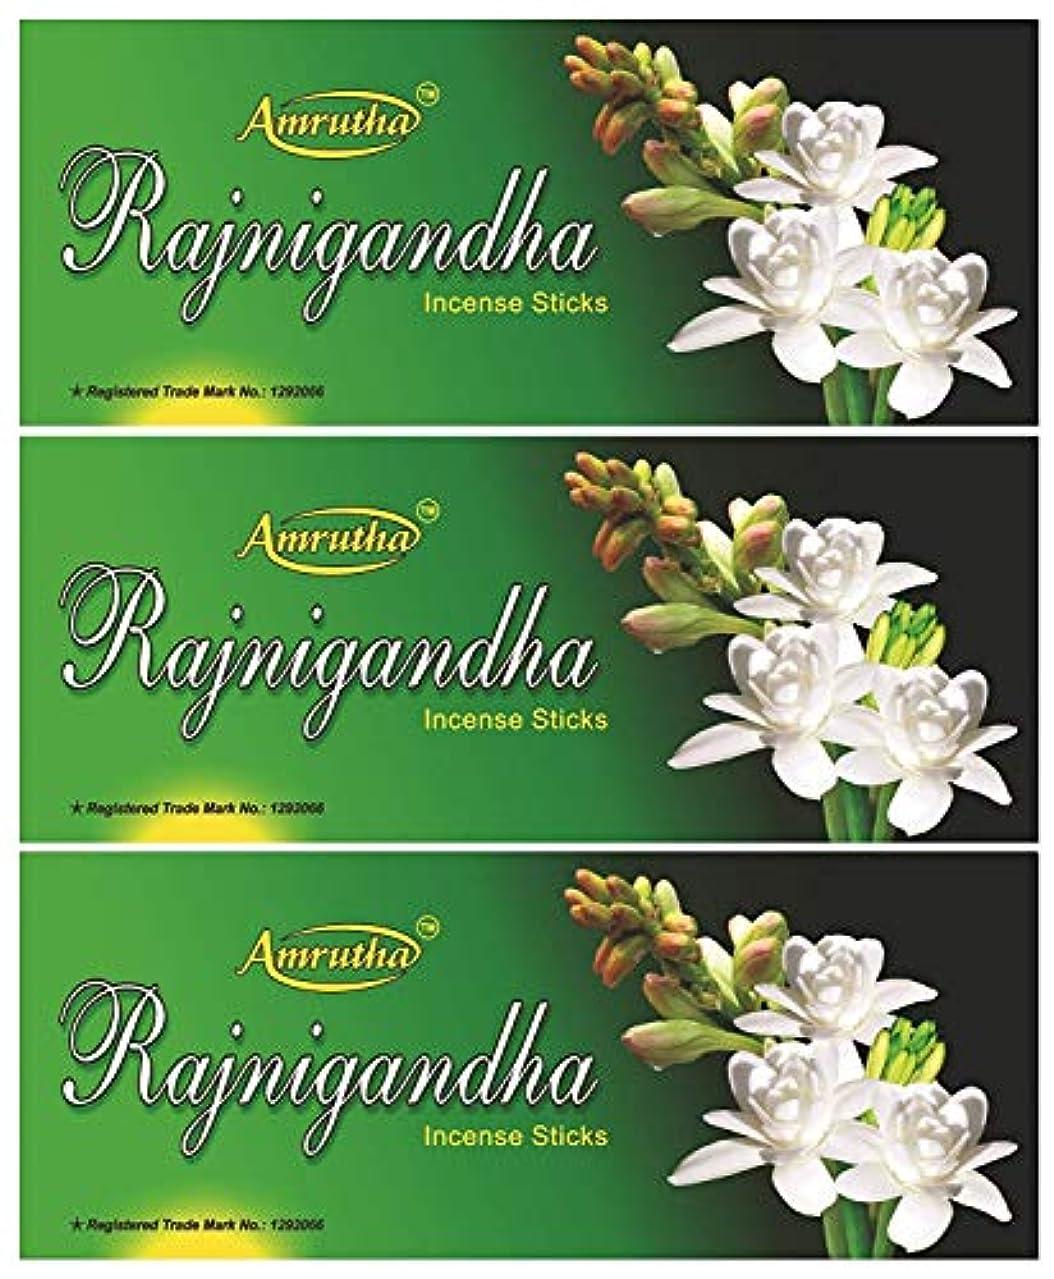 懐疑的円形の蒸発するAMRUTHA PREMIUM INCENSE STICKS Rajnigandha Incense Sticks (100g, Black) - Pack of 3